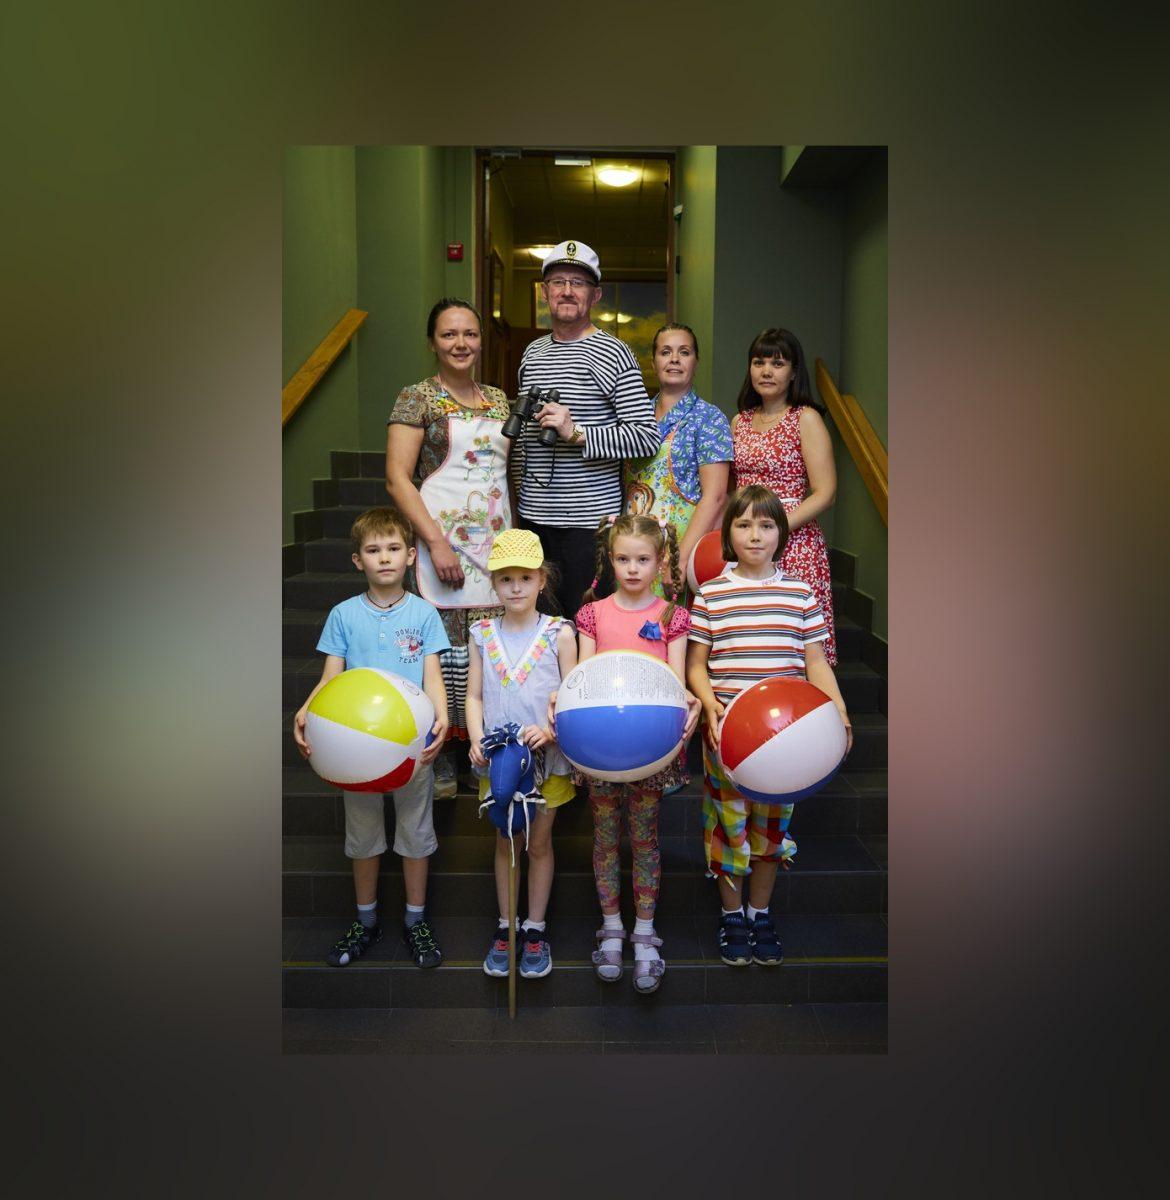 Нижегородский «КОТ» взял гран-при на всероссийском фестивале семейных любительских театров